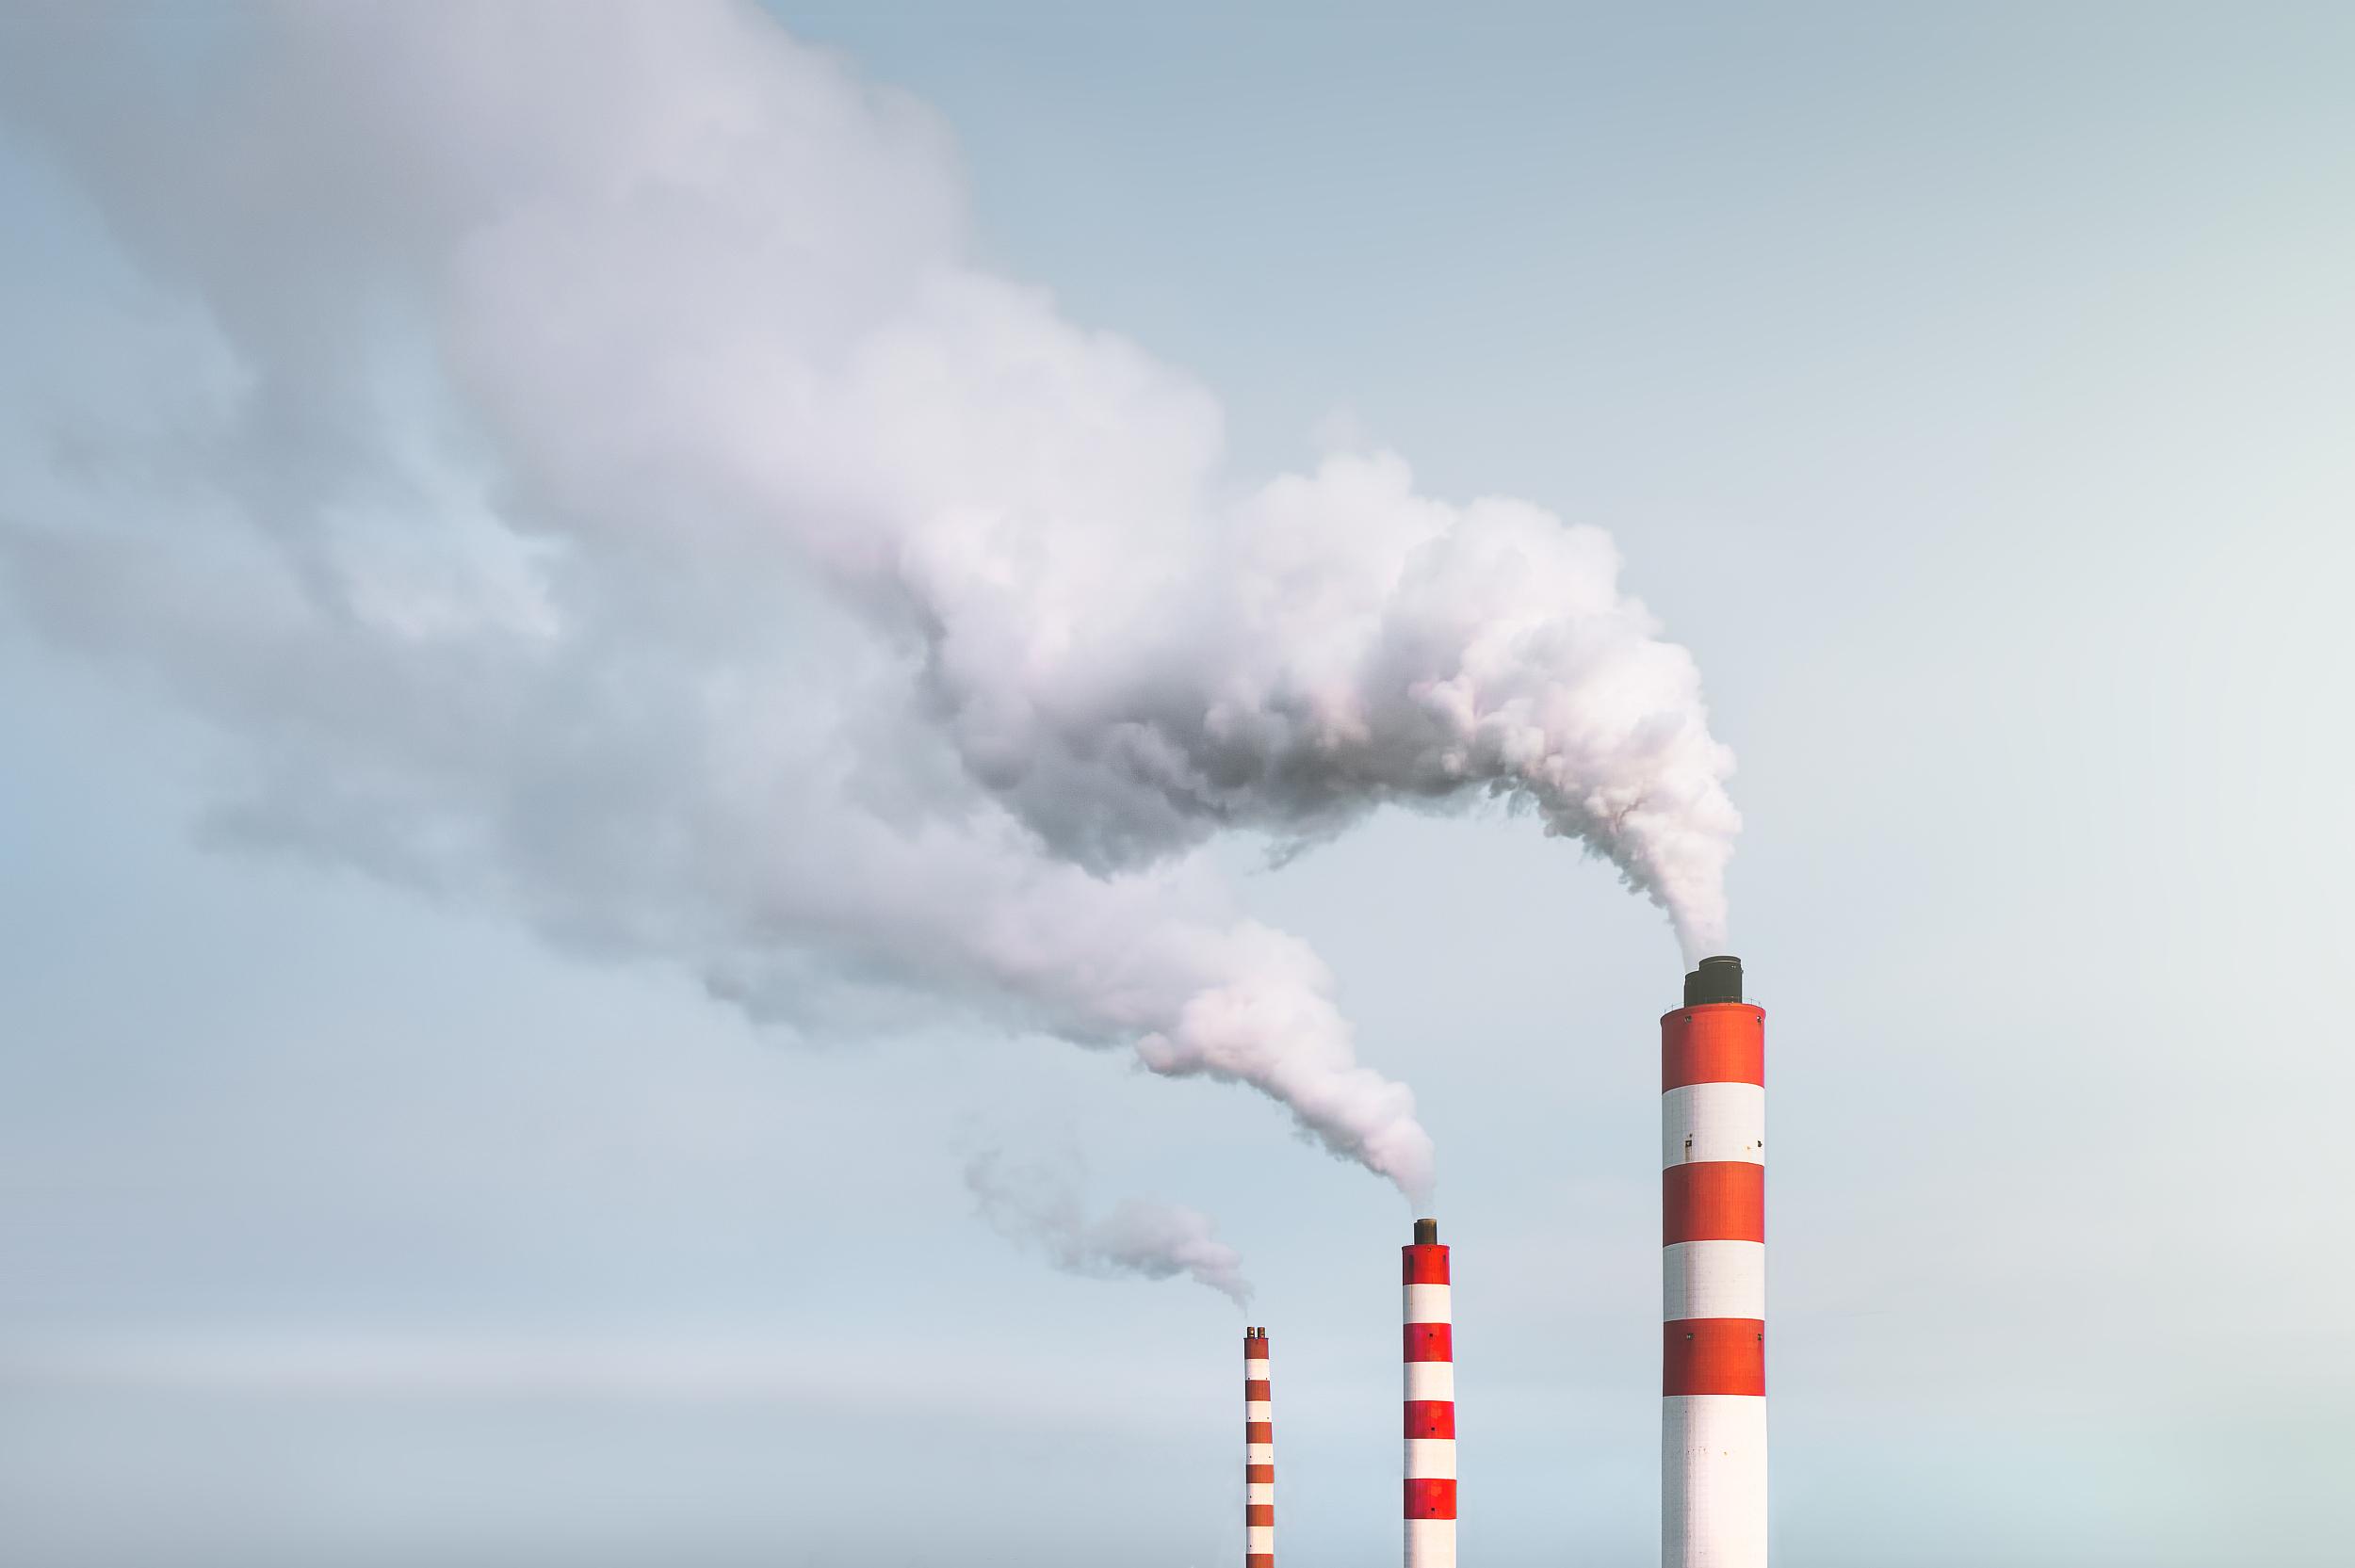 环保|德国大幅提升碳减排目标:2045年实现碳中和